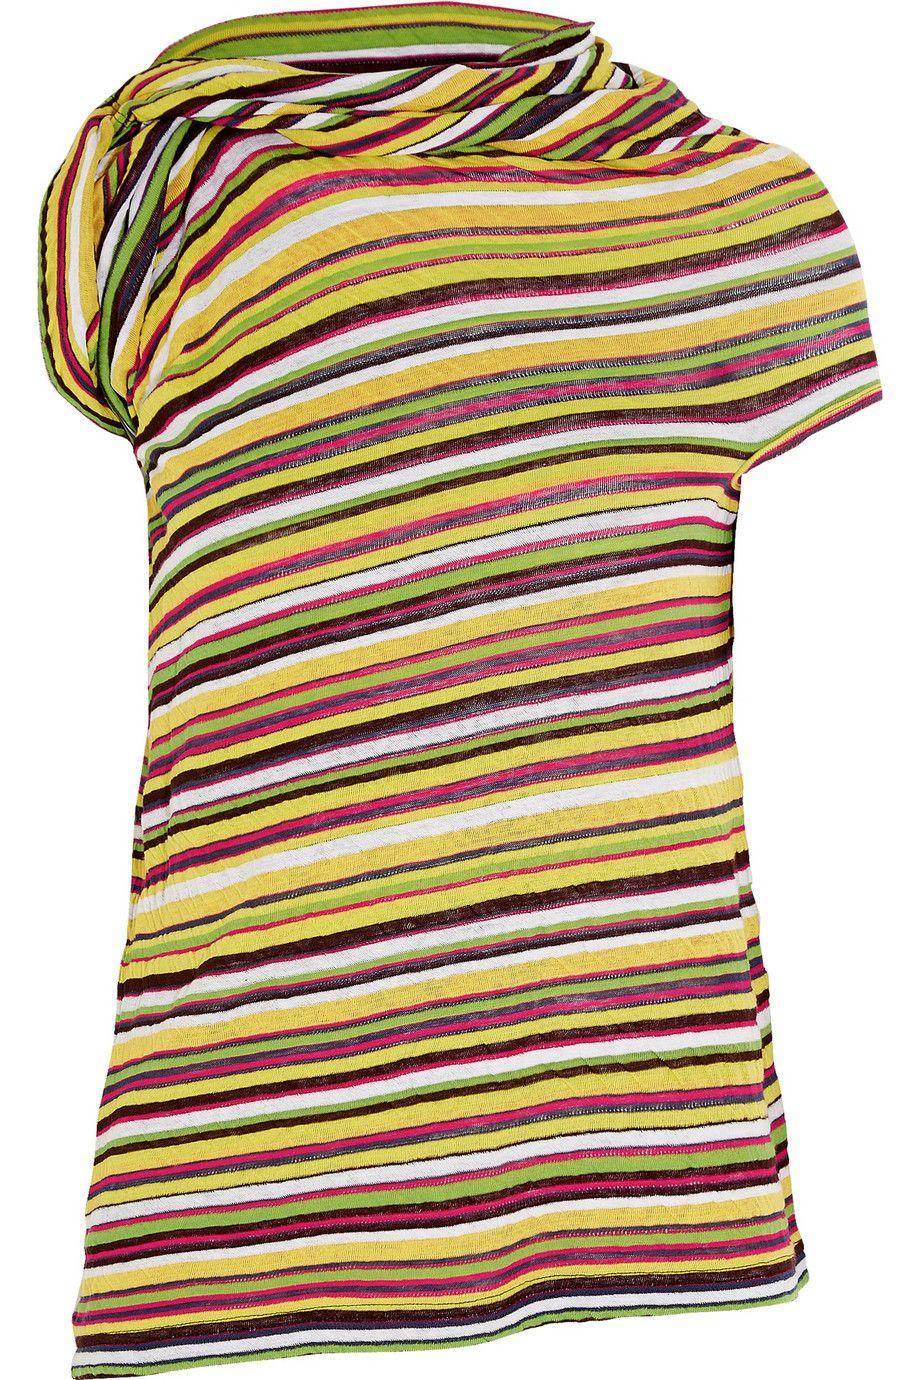 Junya Watanabe | Striped cotton-jersey top | NET-A-PORTER.COM